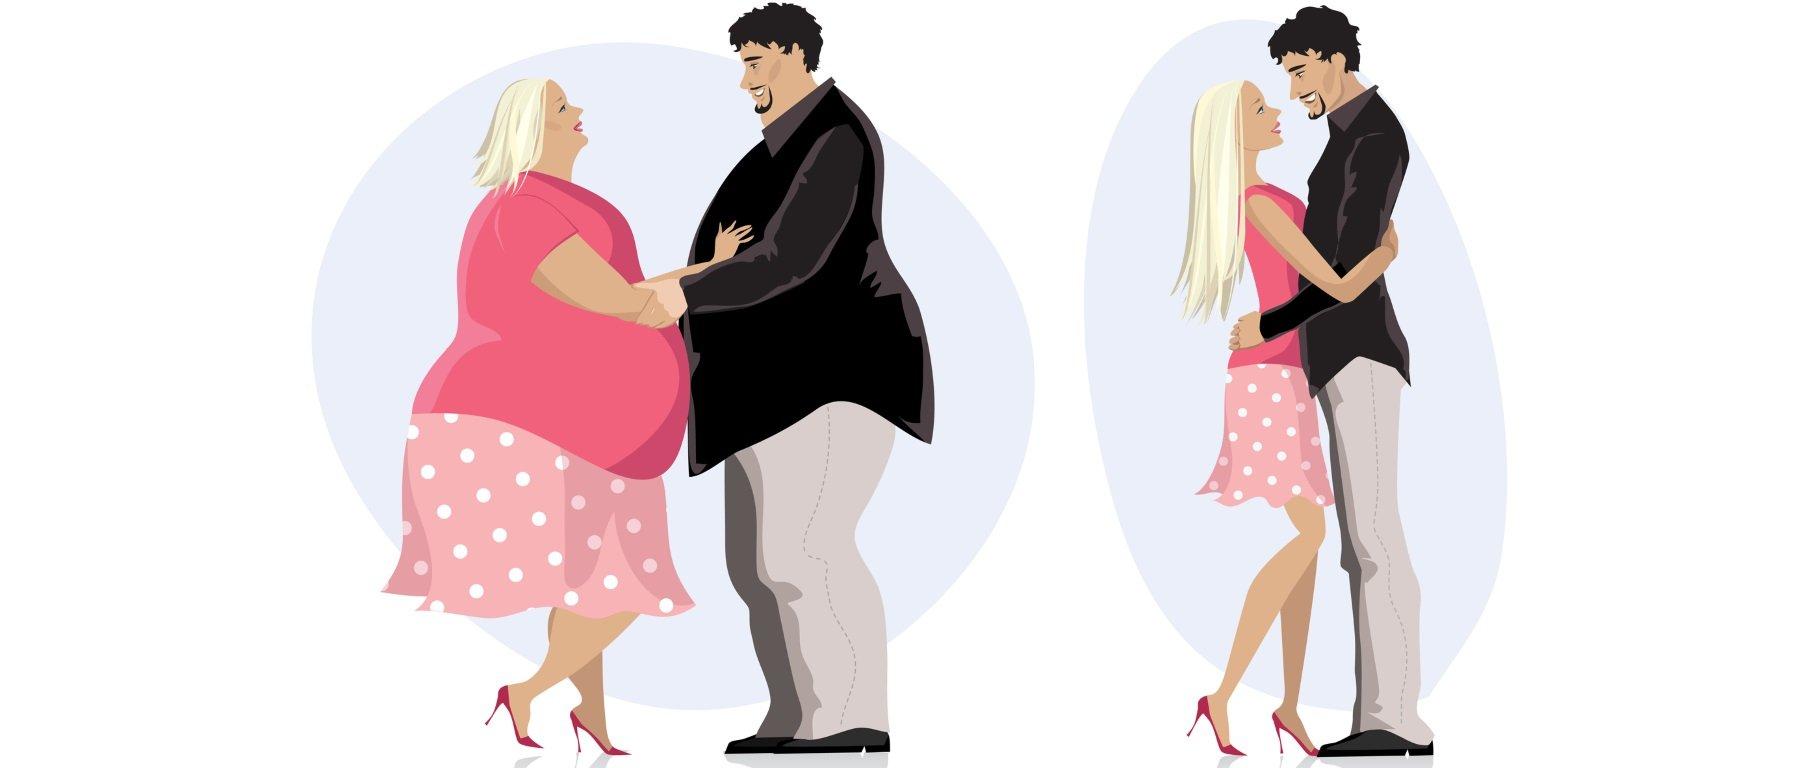 Was ist das gesetzliche Alter für Dating in illinois